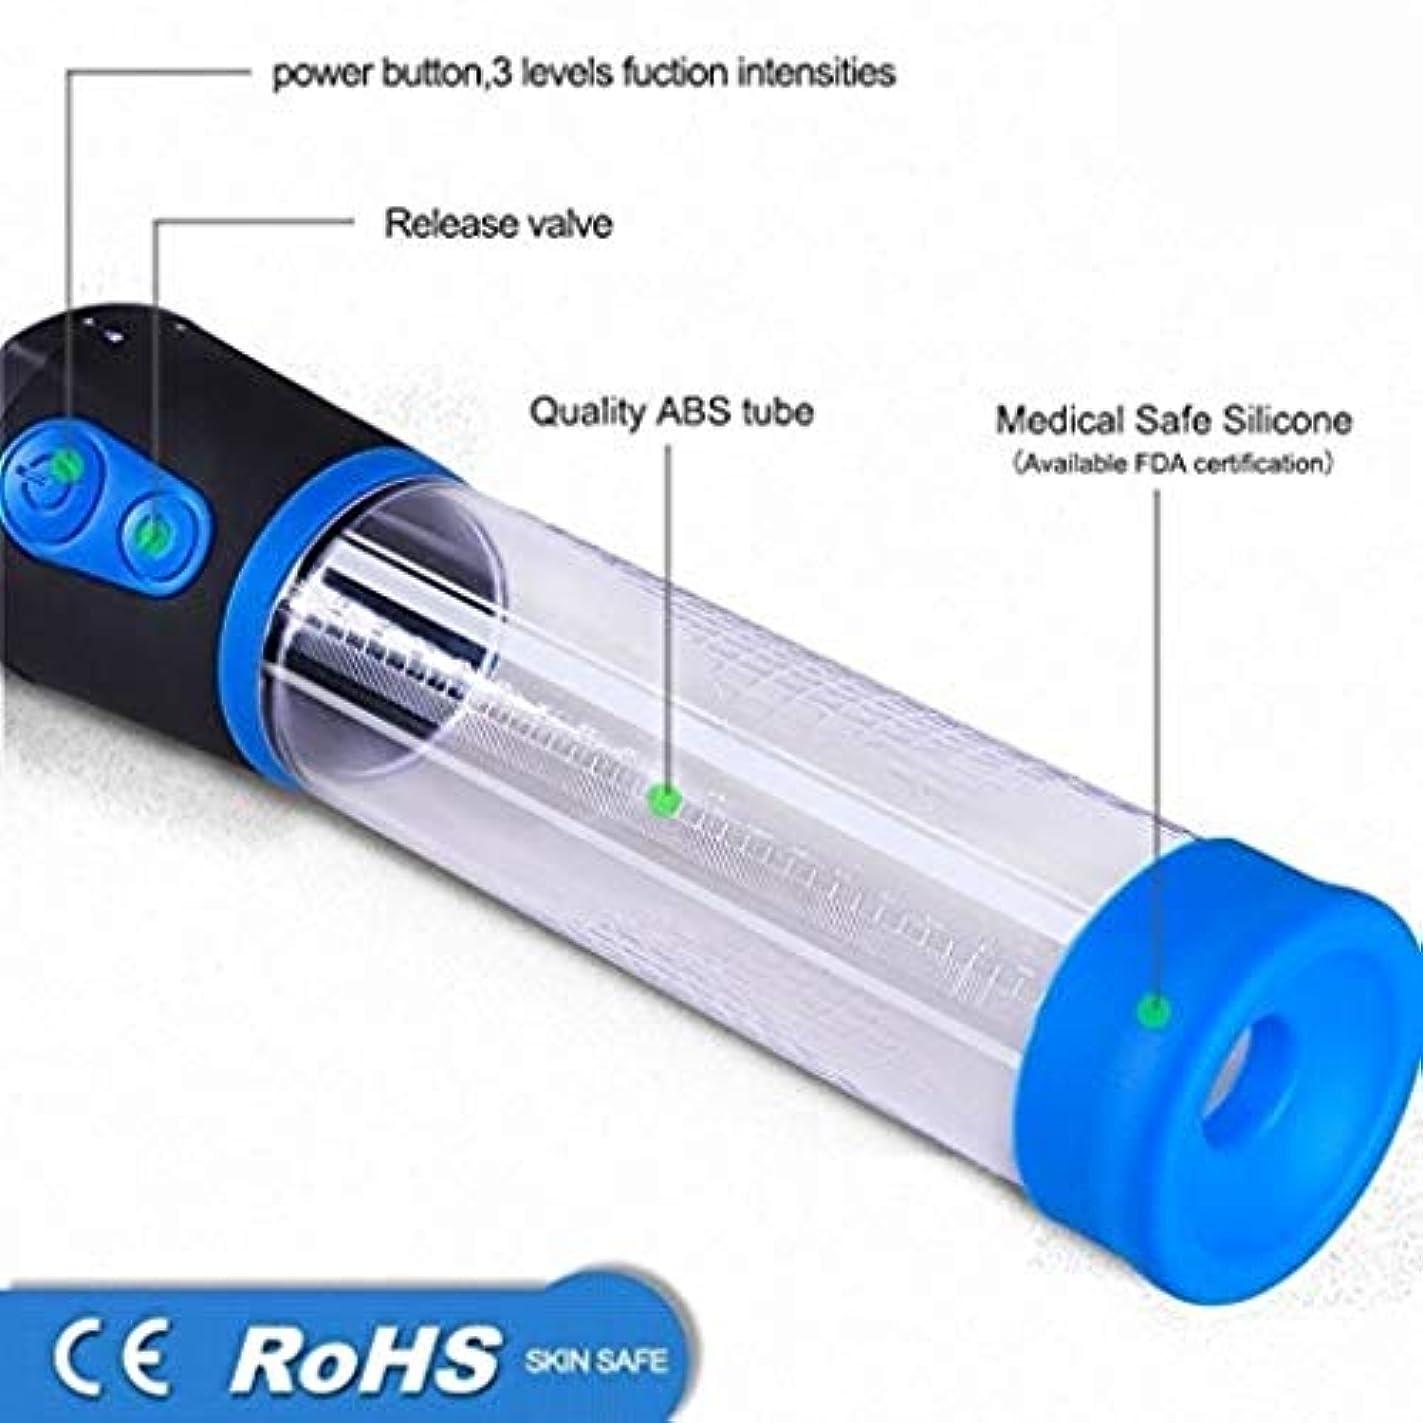 特徴づけるリネン交じるRisareyi 男性用自動ペニス真空ポンプ、ペニス拡大ペン成長装置、より強力な大きな直立楽しいおもちゃ用